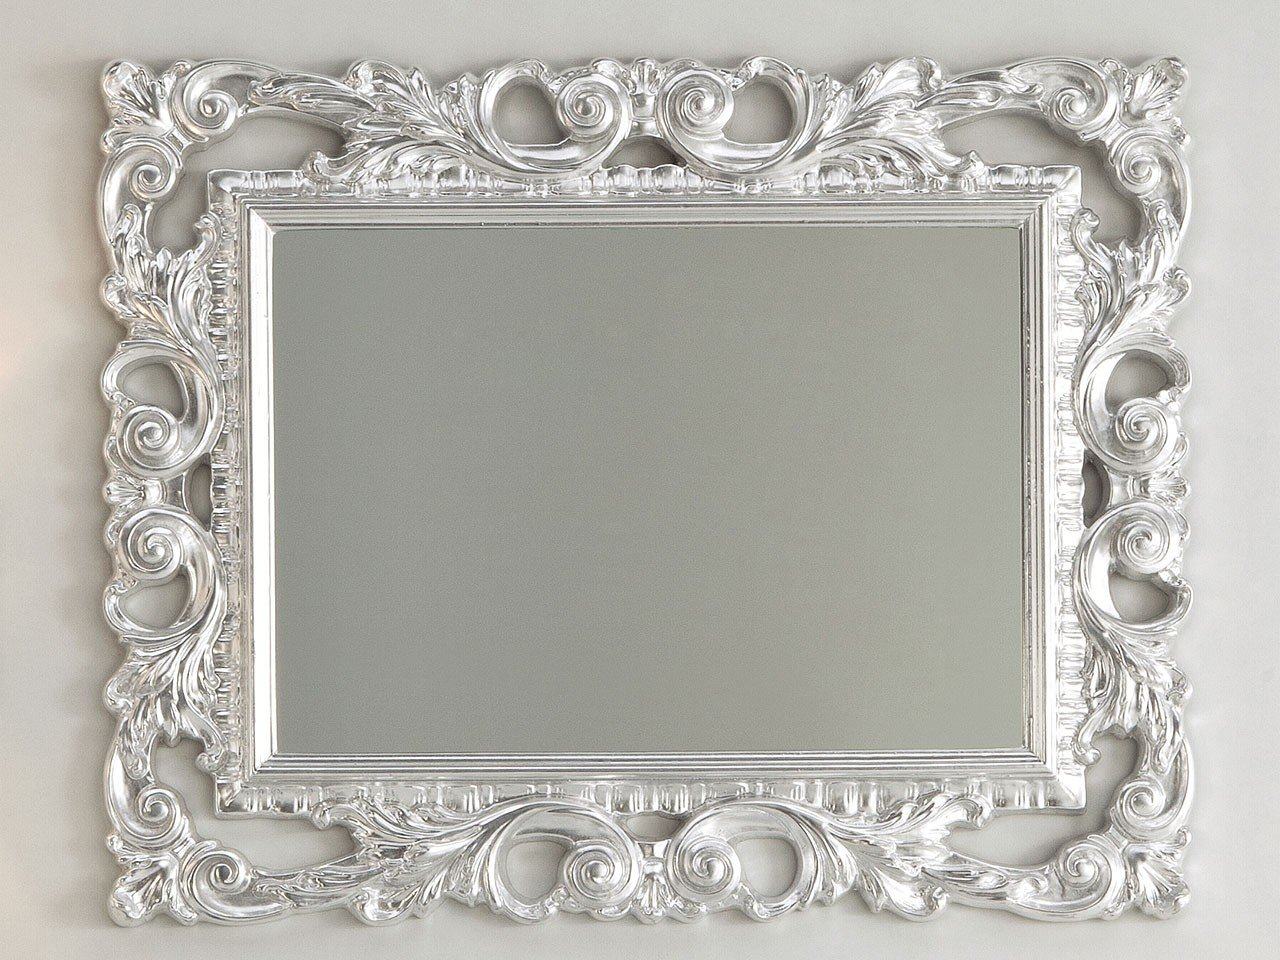 Specchio barocco 94x75 foglia argento iperceramica - Specchiere on line ...